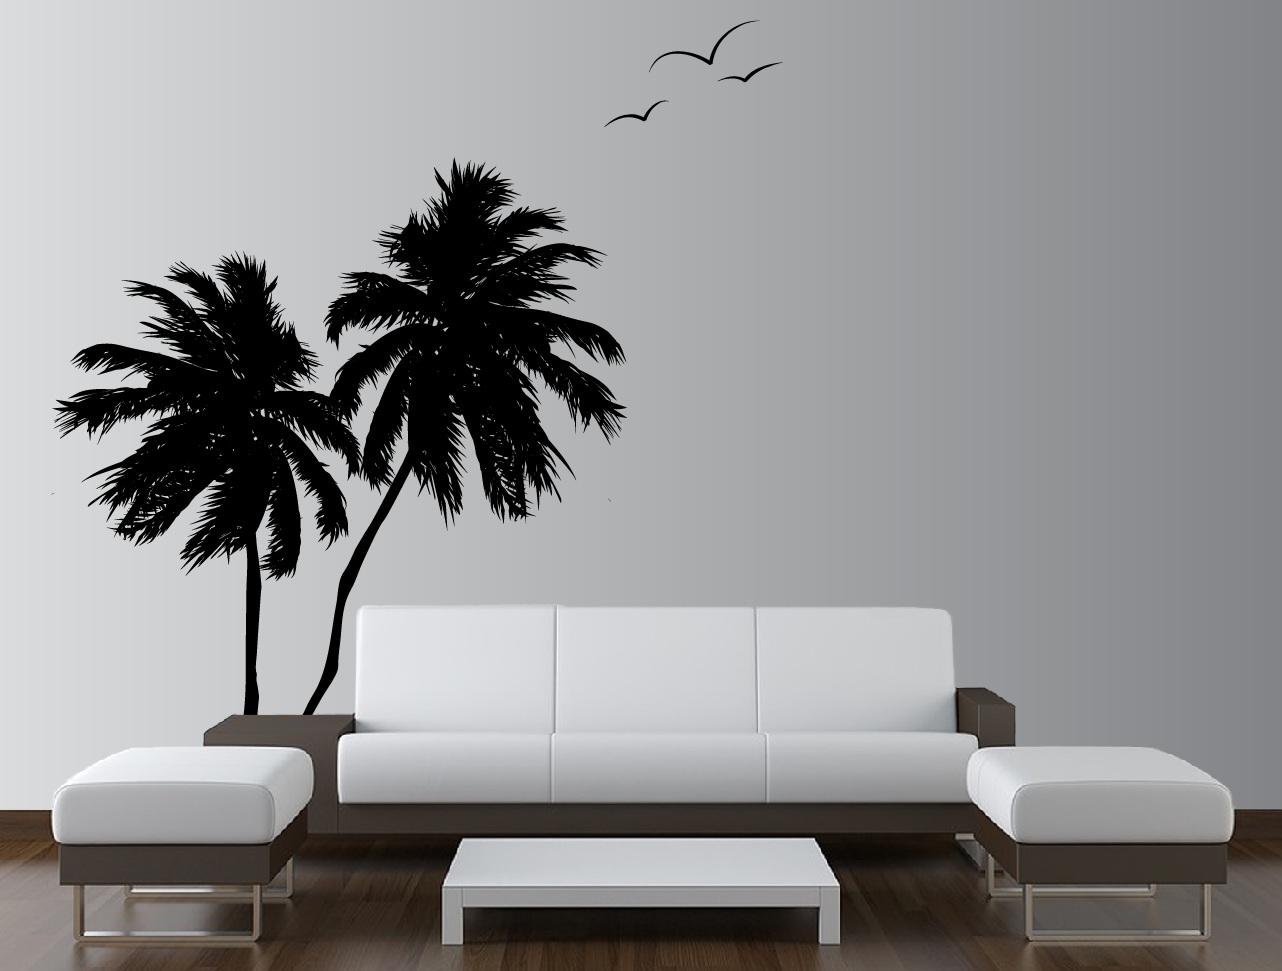 Adesivi murali tante idee creative per decorare la casa for Adesivi per piastrelle brico